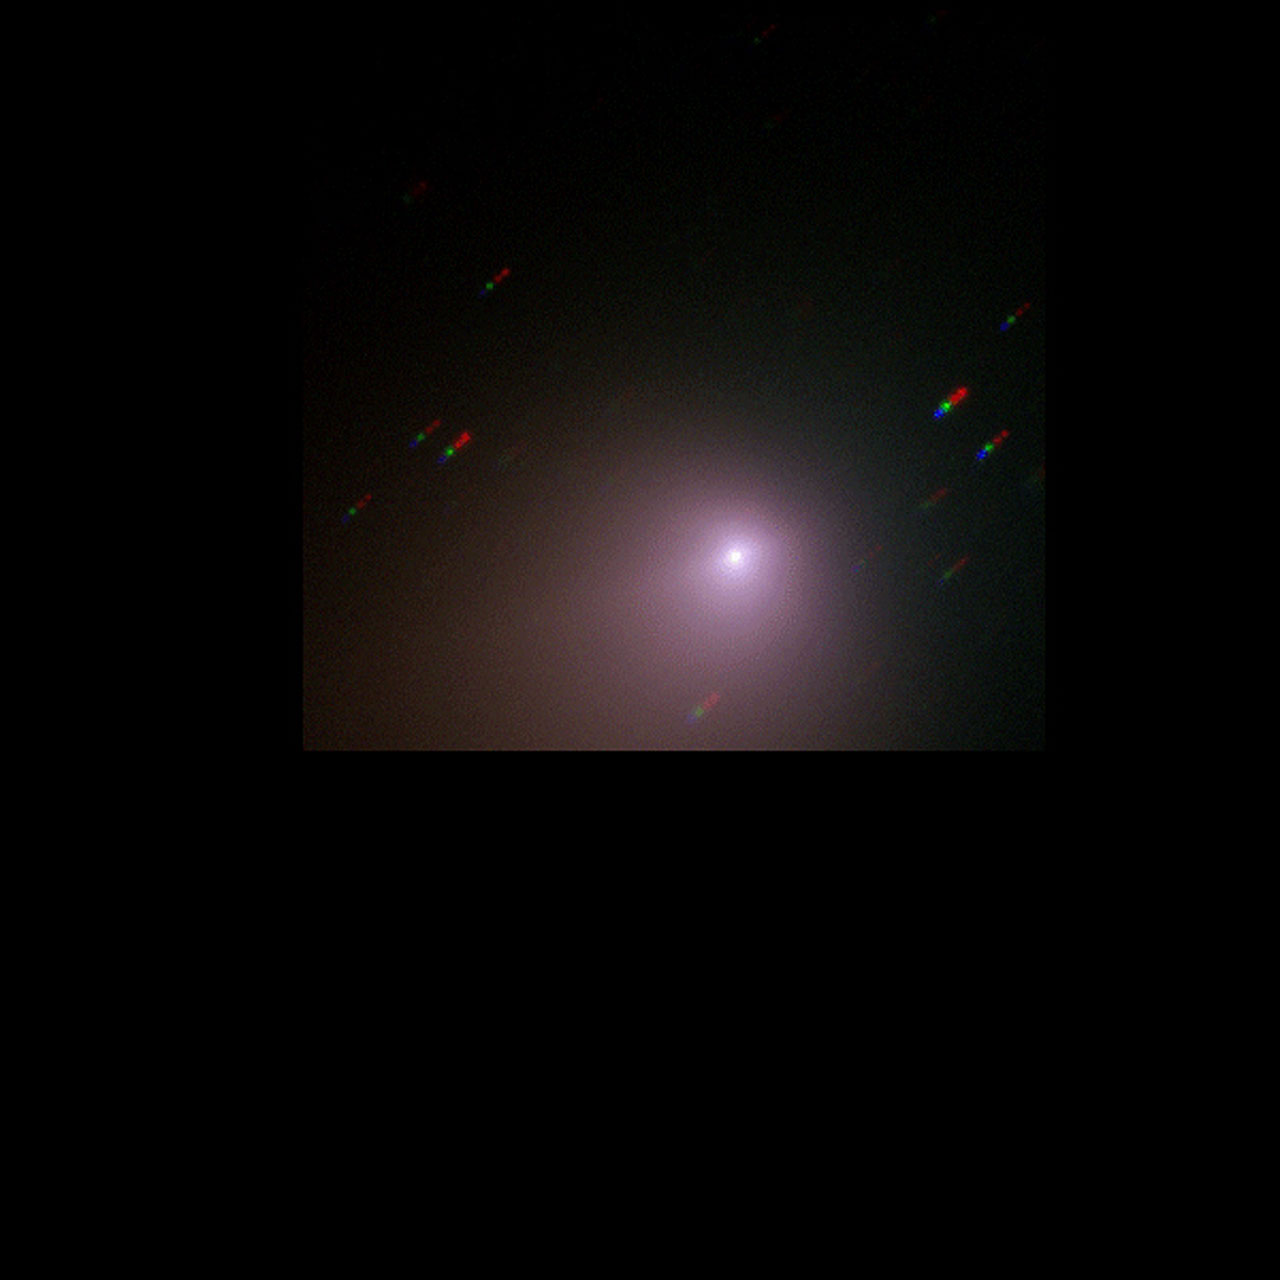 Evolution of Comet Tempel 1 (FORS2/VLT)